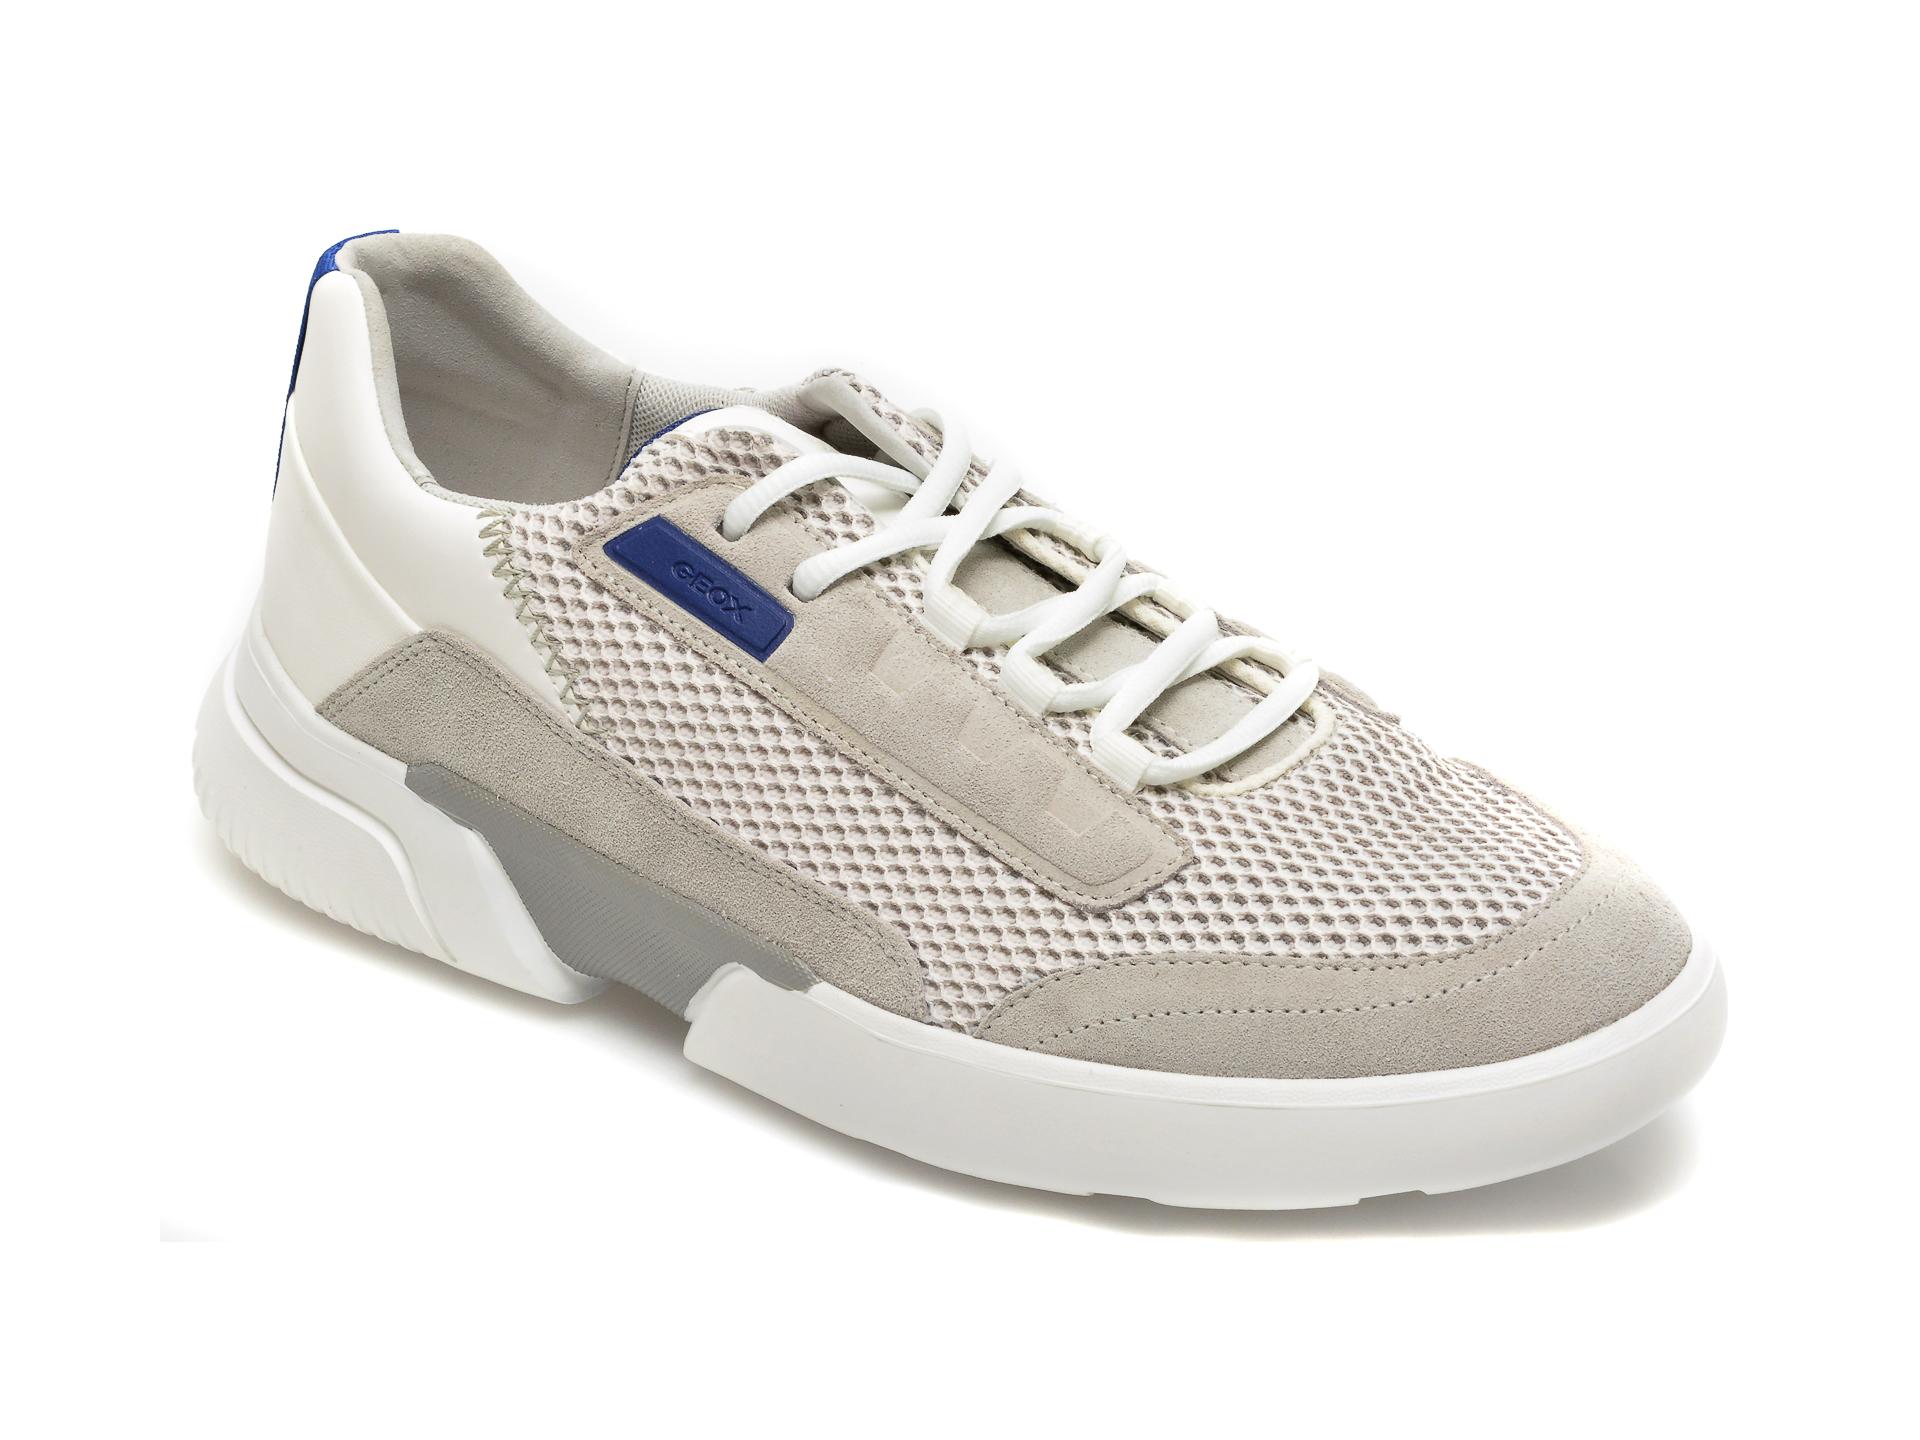 Pantofi sport GEOX gri, U15AFA, din piele ecologica imagine